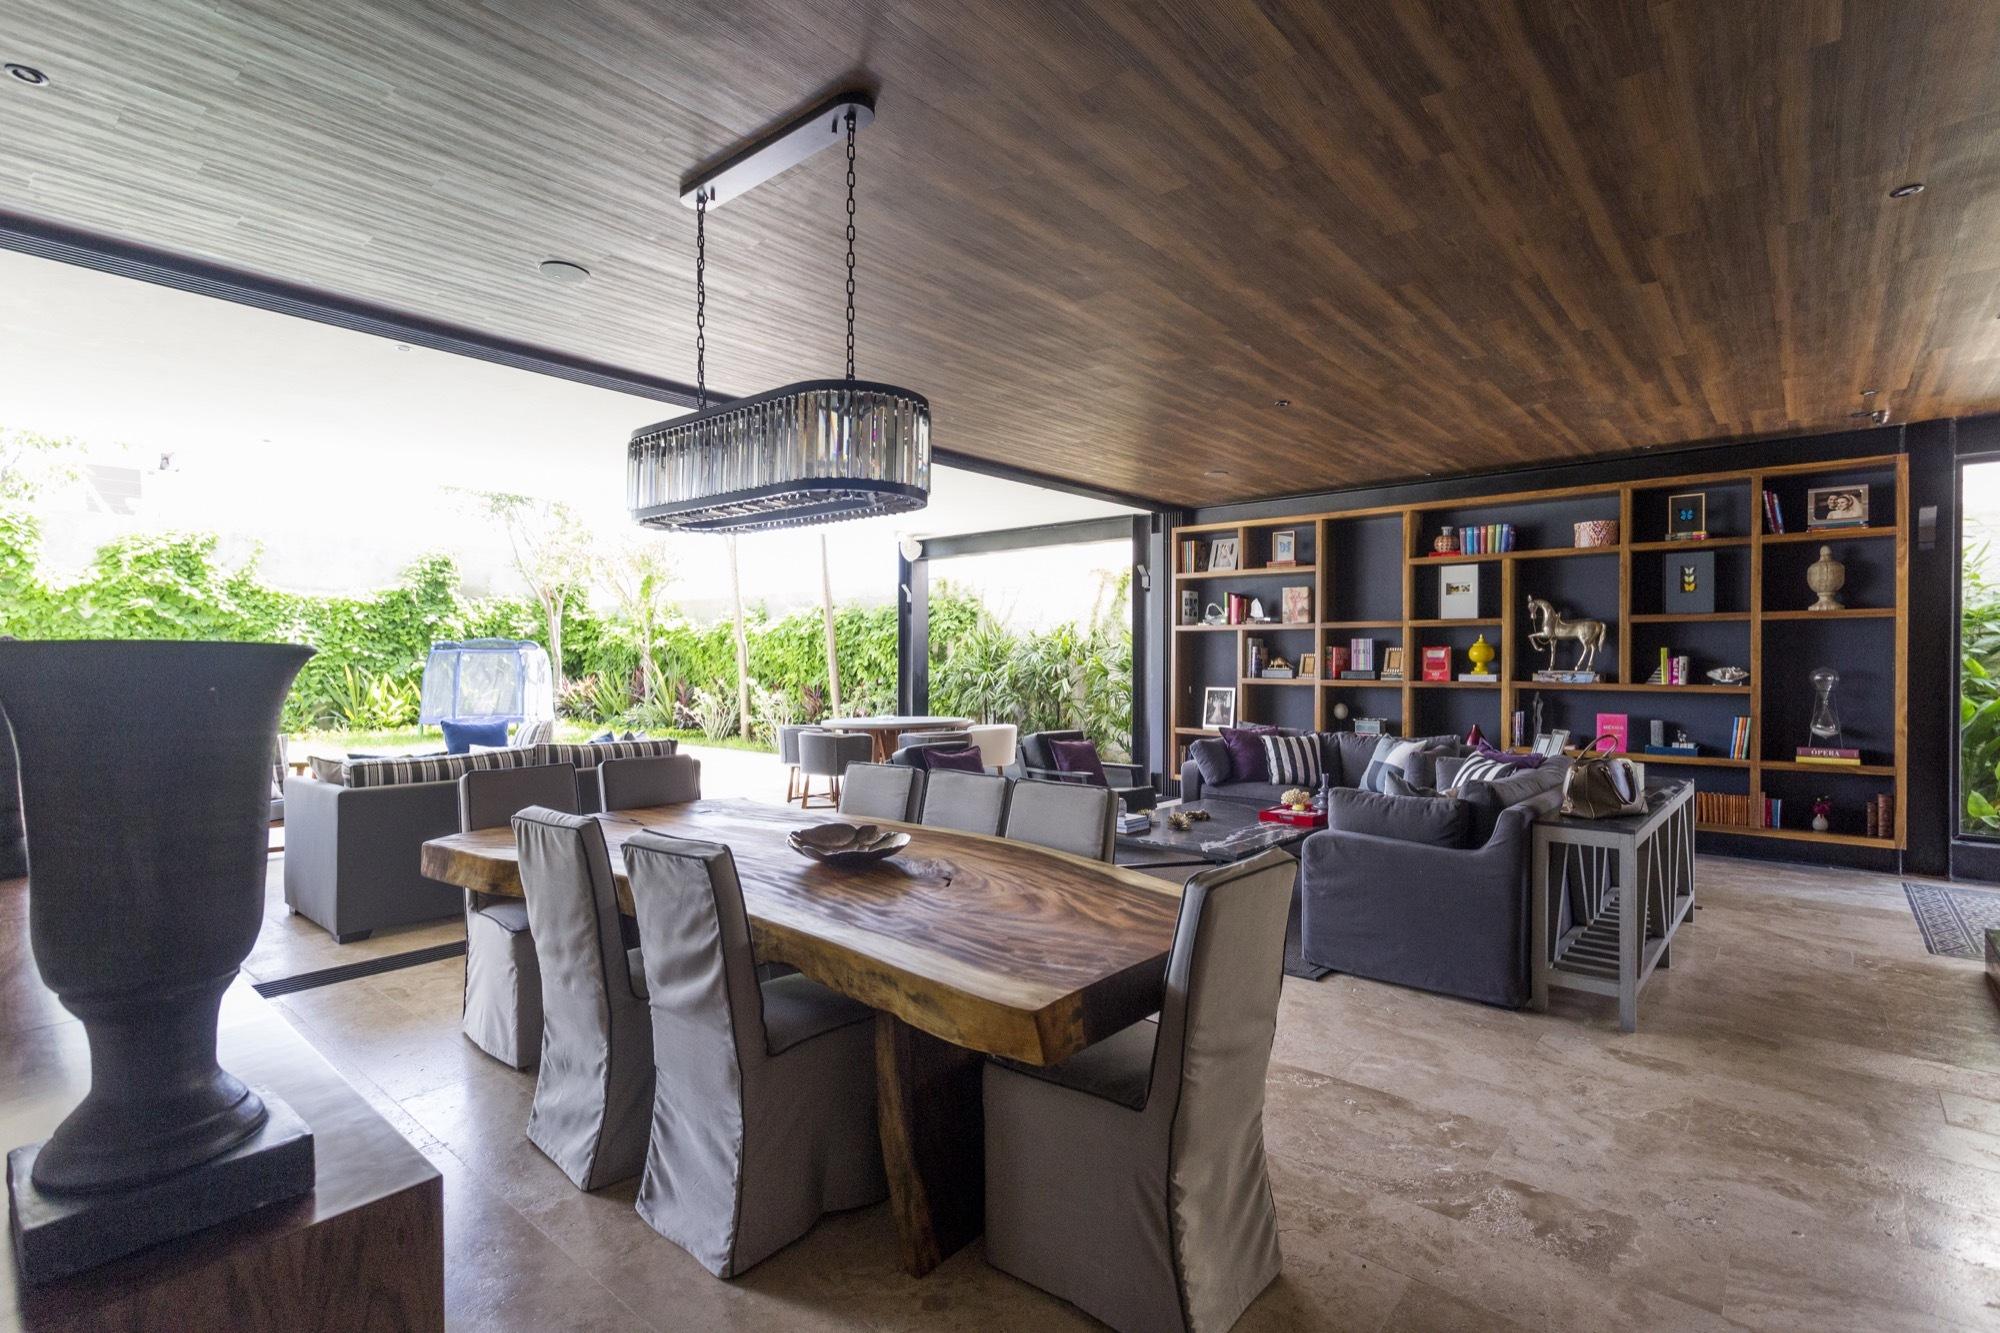 Casa Abierta R79 Archdaily M Xico